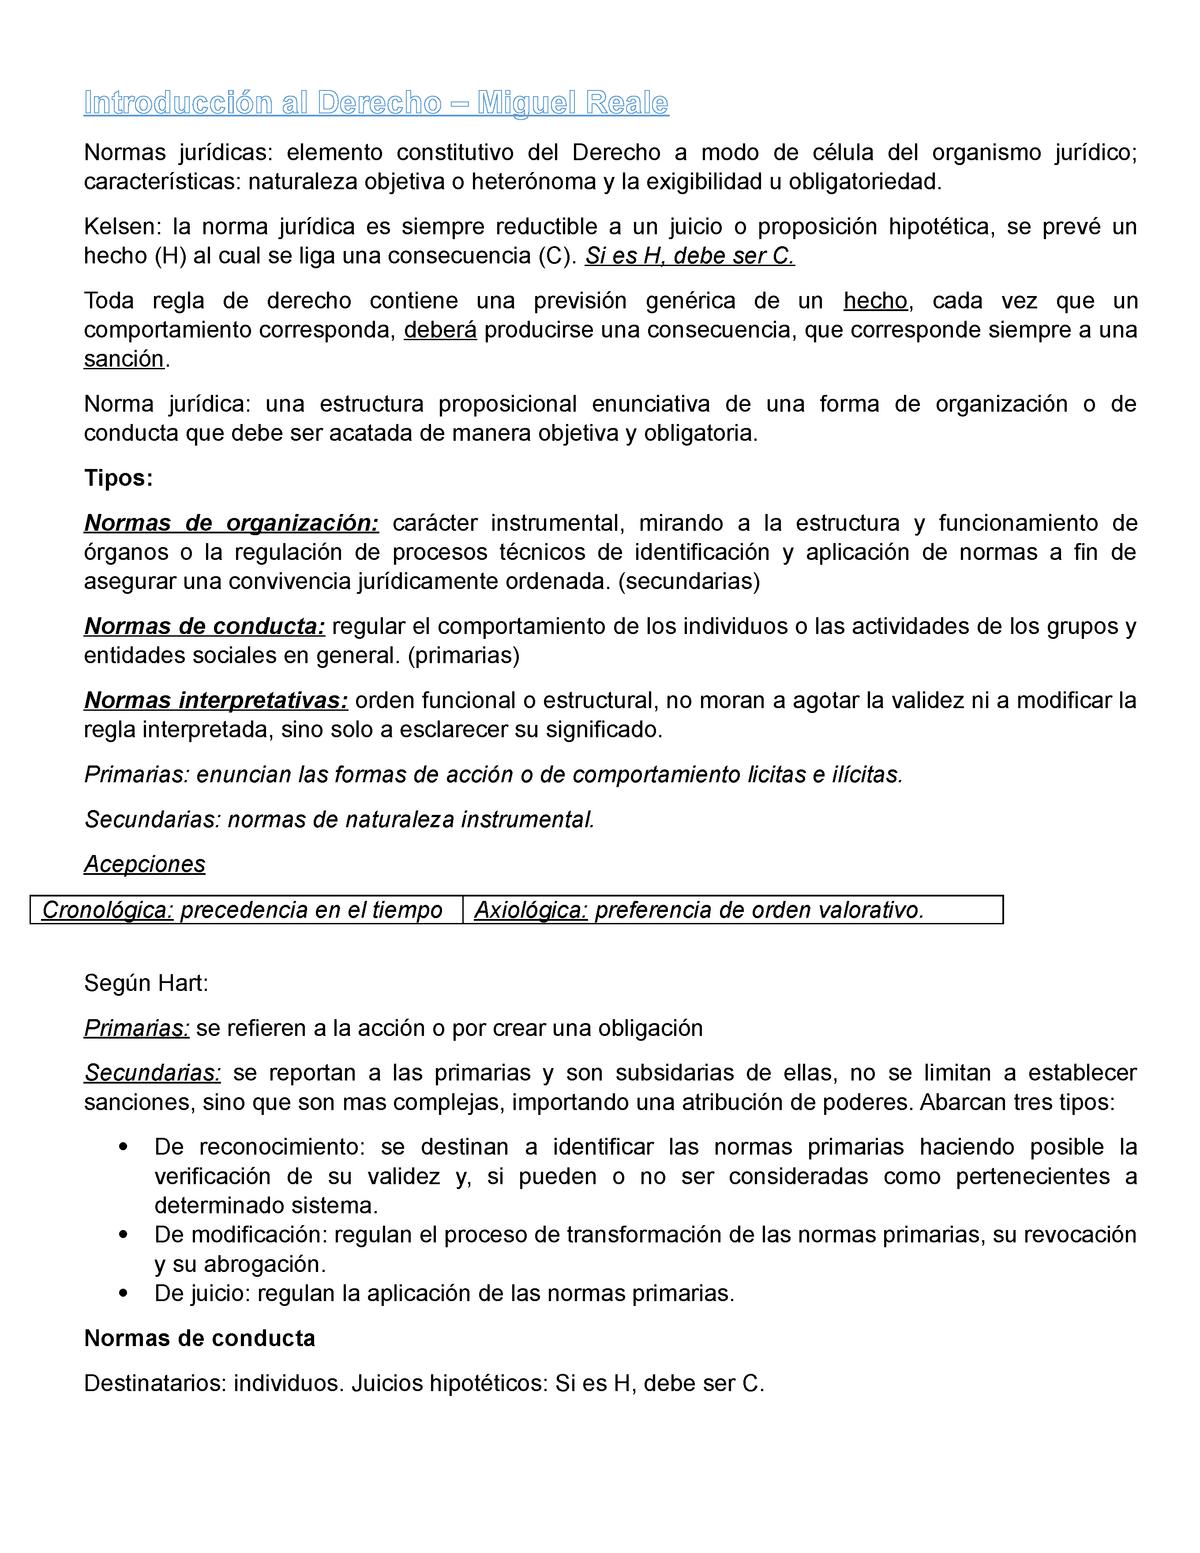 Fines Del Derecho De1001 Ucr Studocu